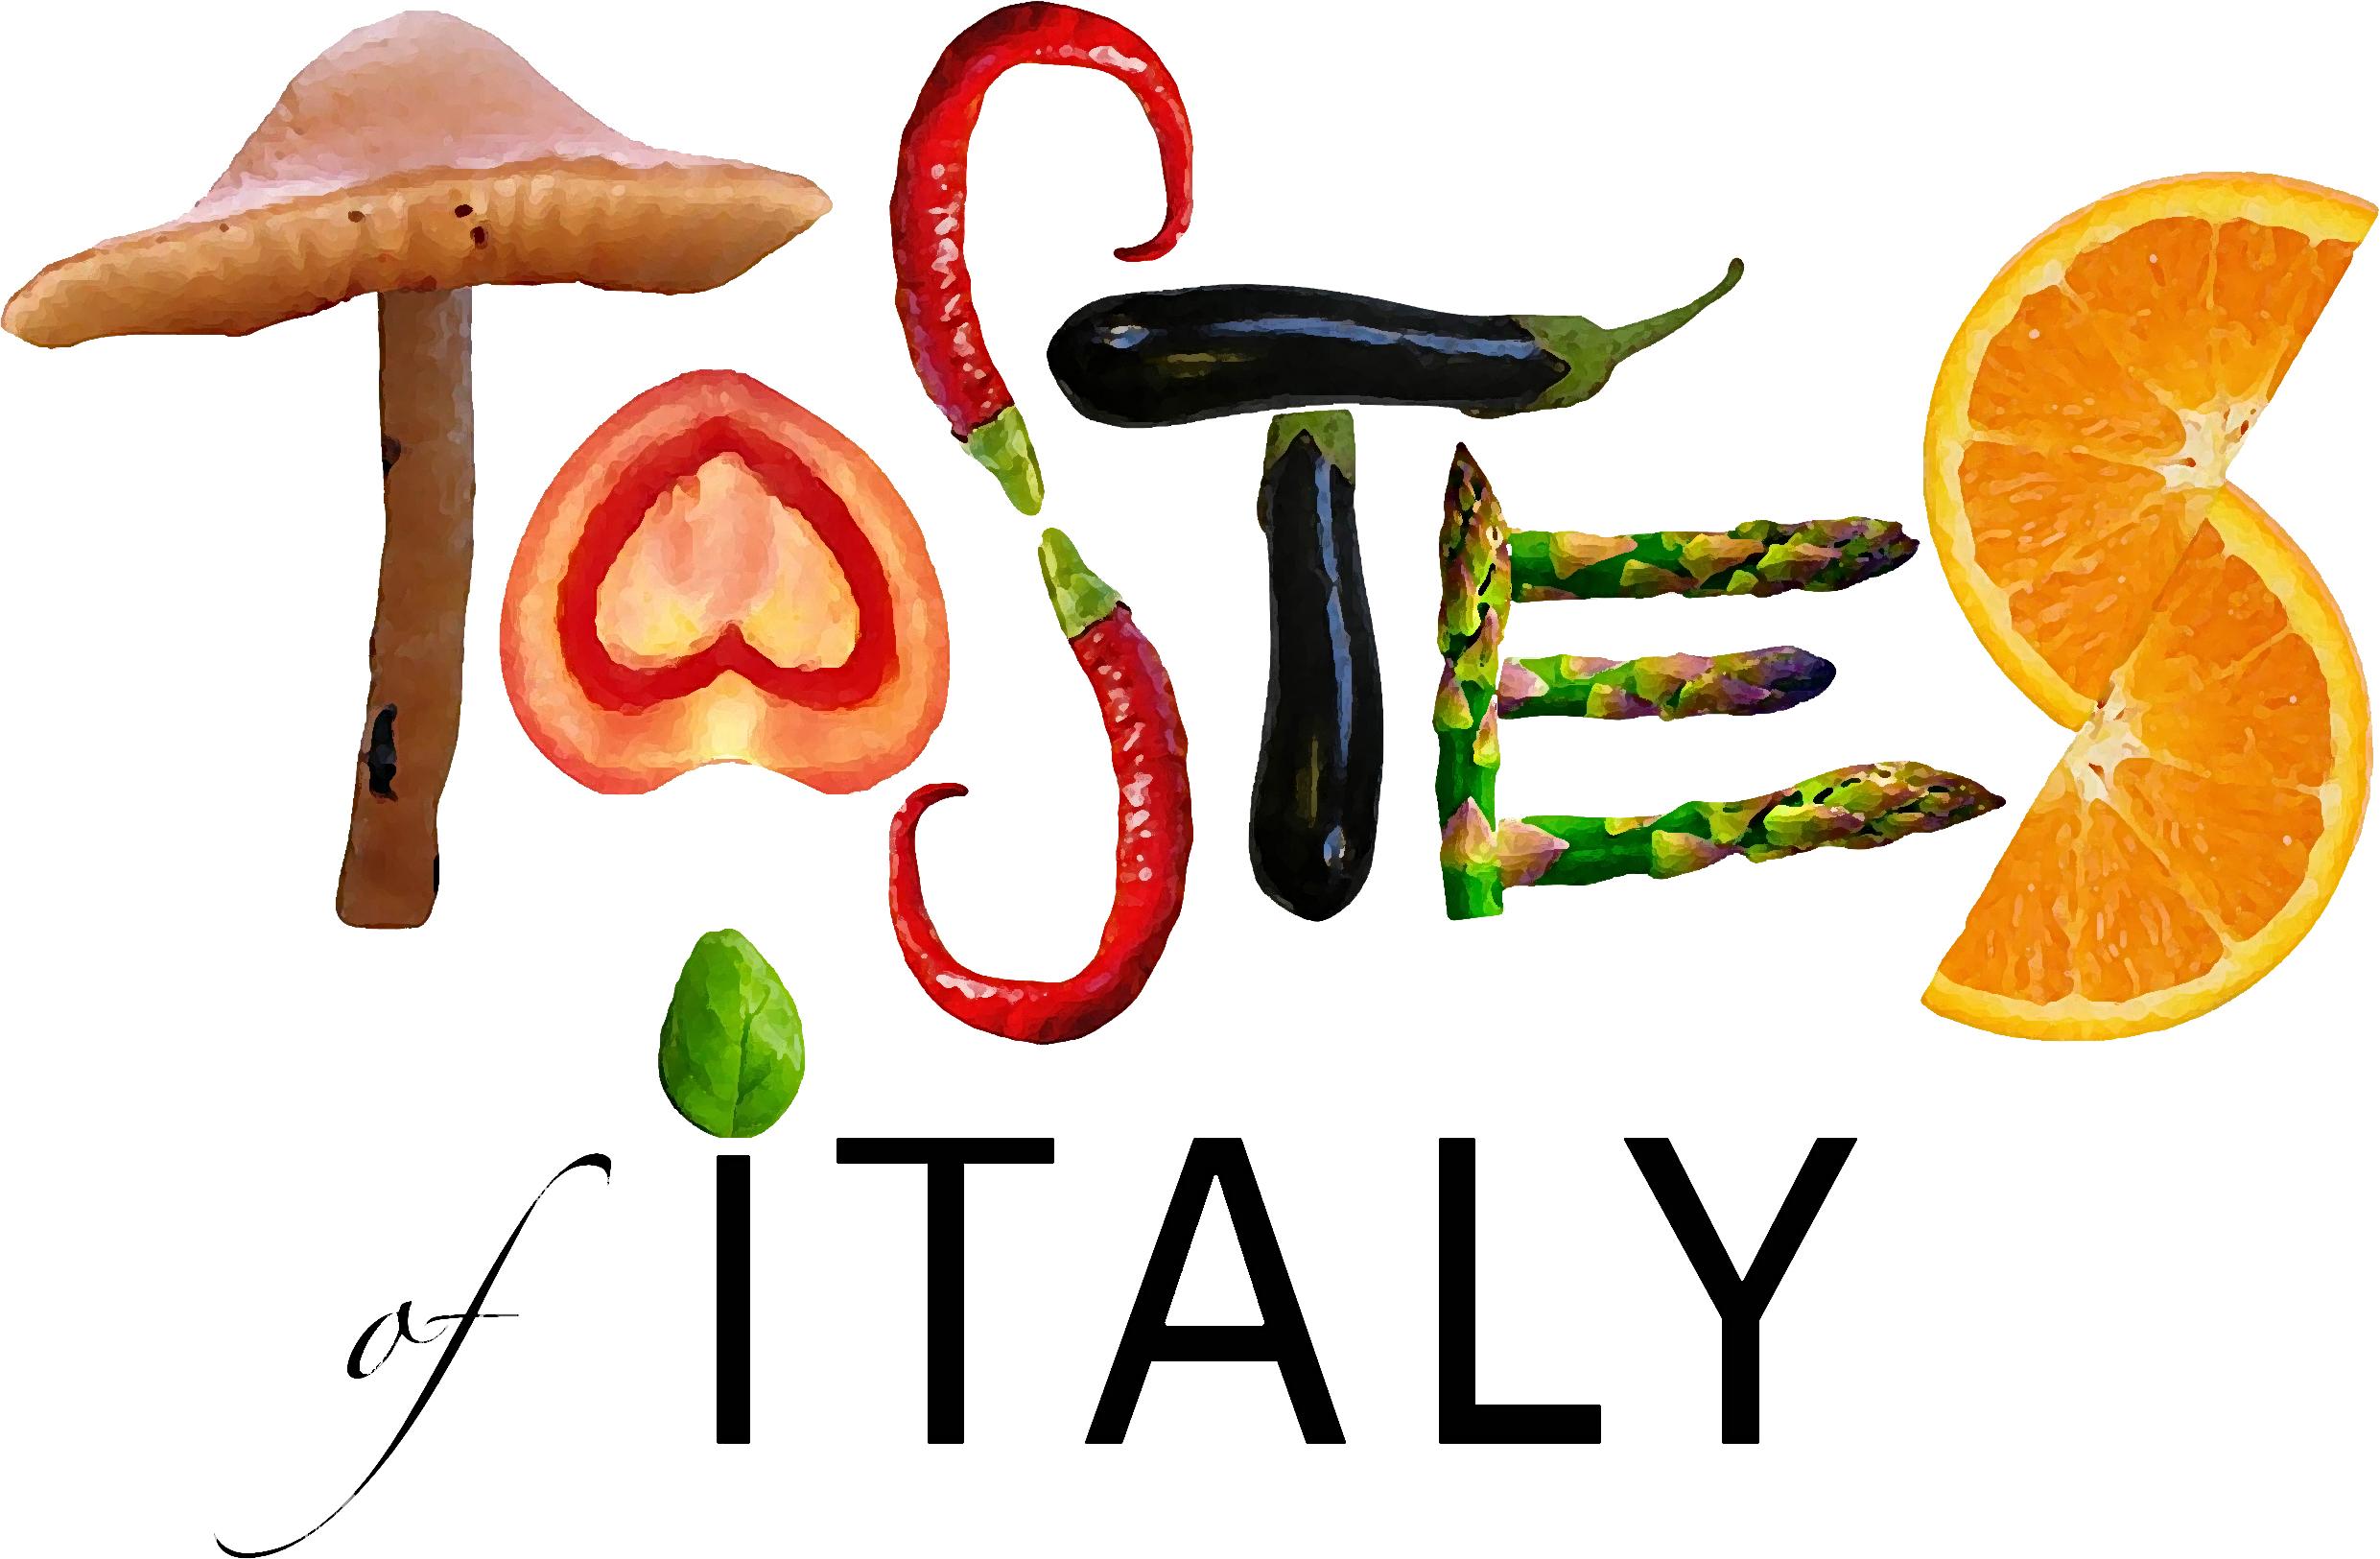 2481x1625 Tastes Italy Clipart